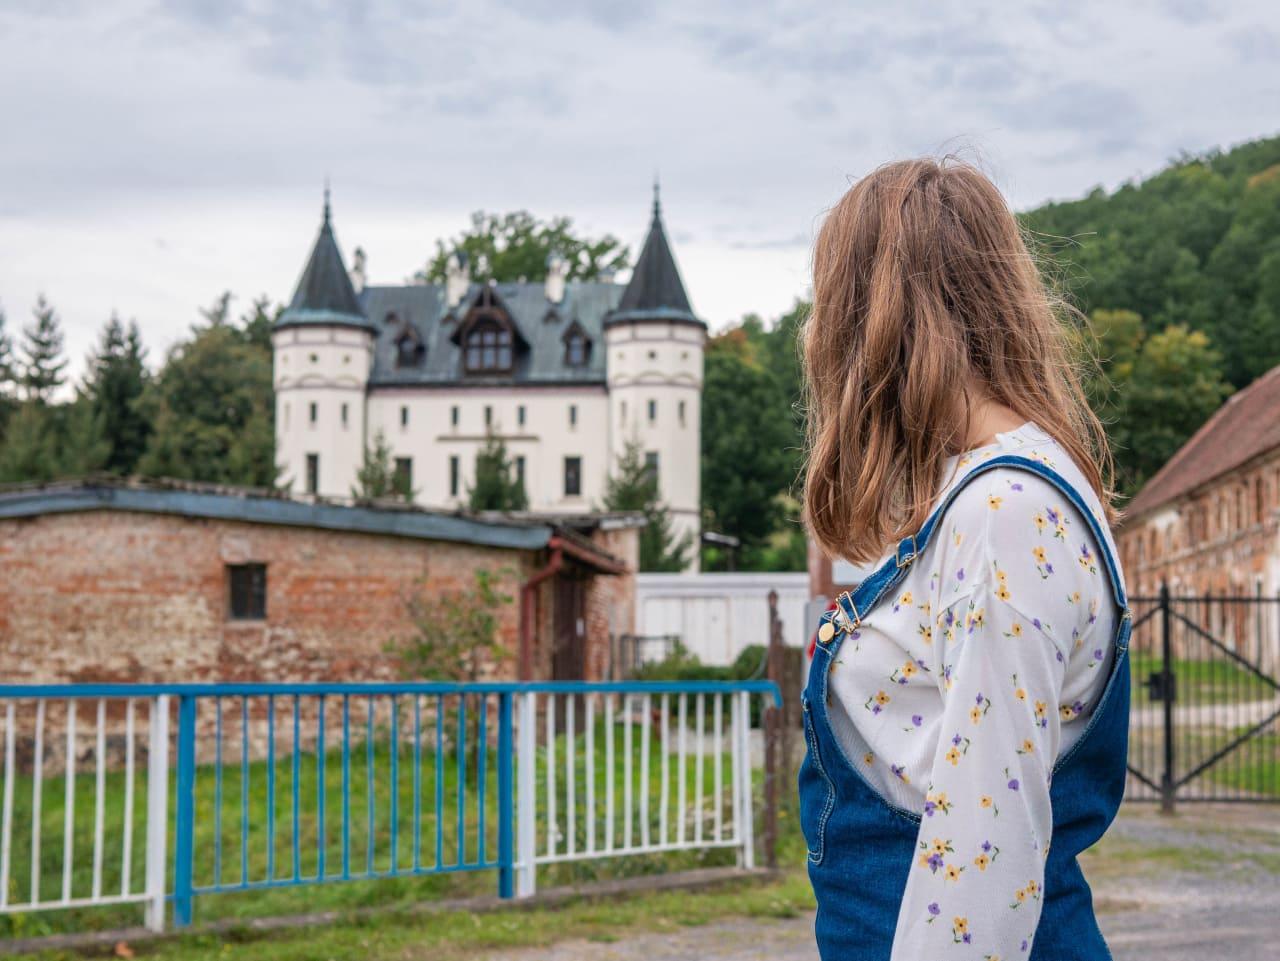 Pałac Sokołowiec Górny Blisko Winnicy Agat w Sokołowcu Folwark Zabudowania Przy Pałacu